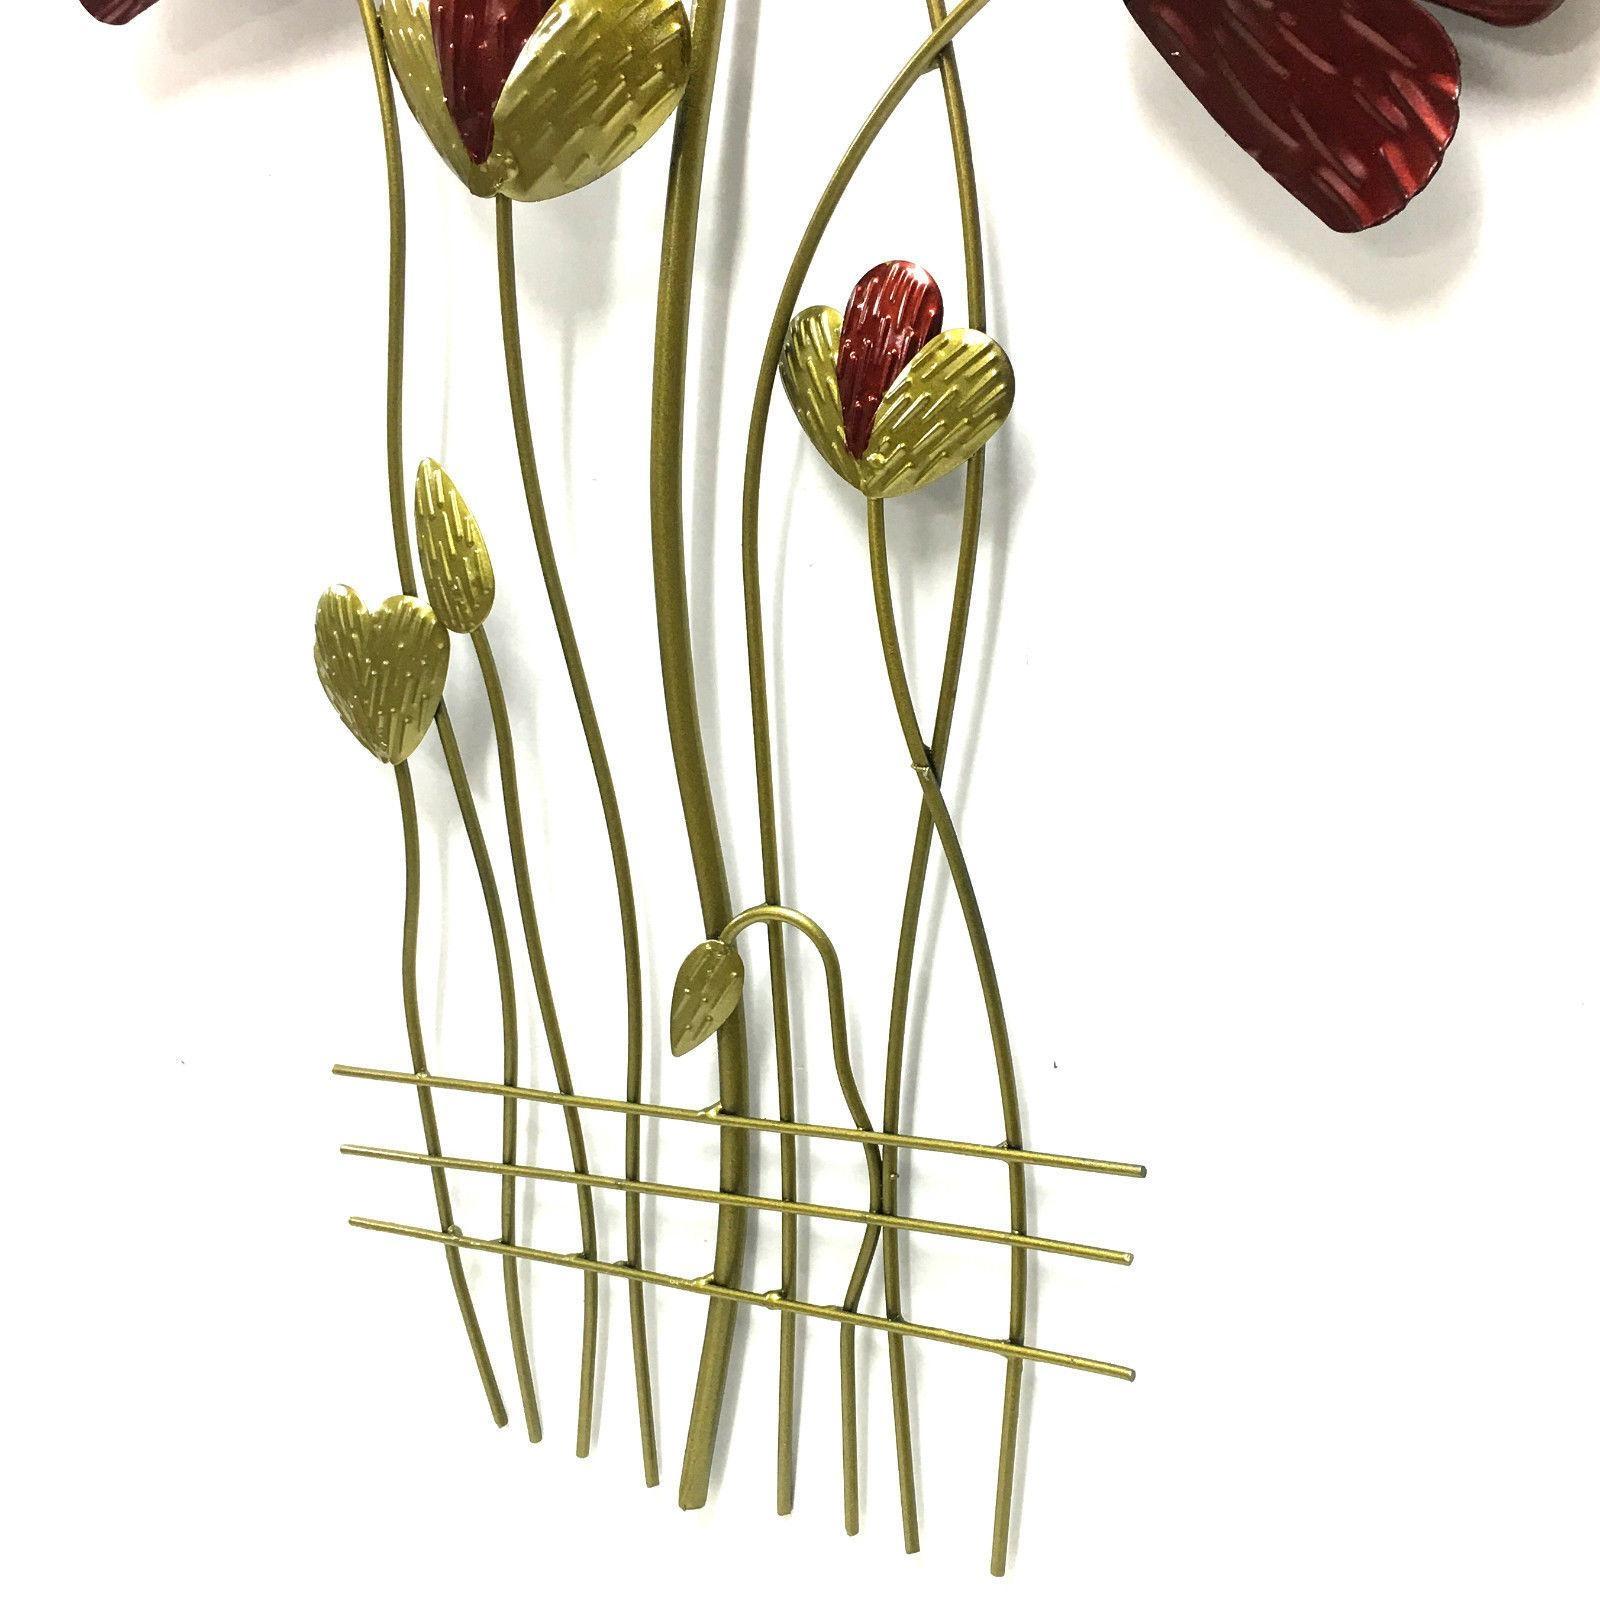 Poppy Flower Metal Wall Art 63Cm In Metal Poppy Wall Art (View 20 of 20)